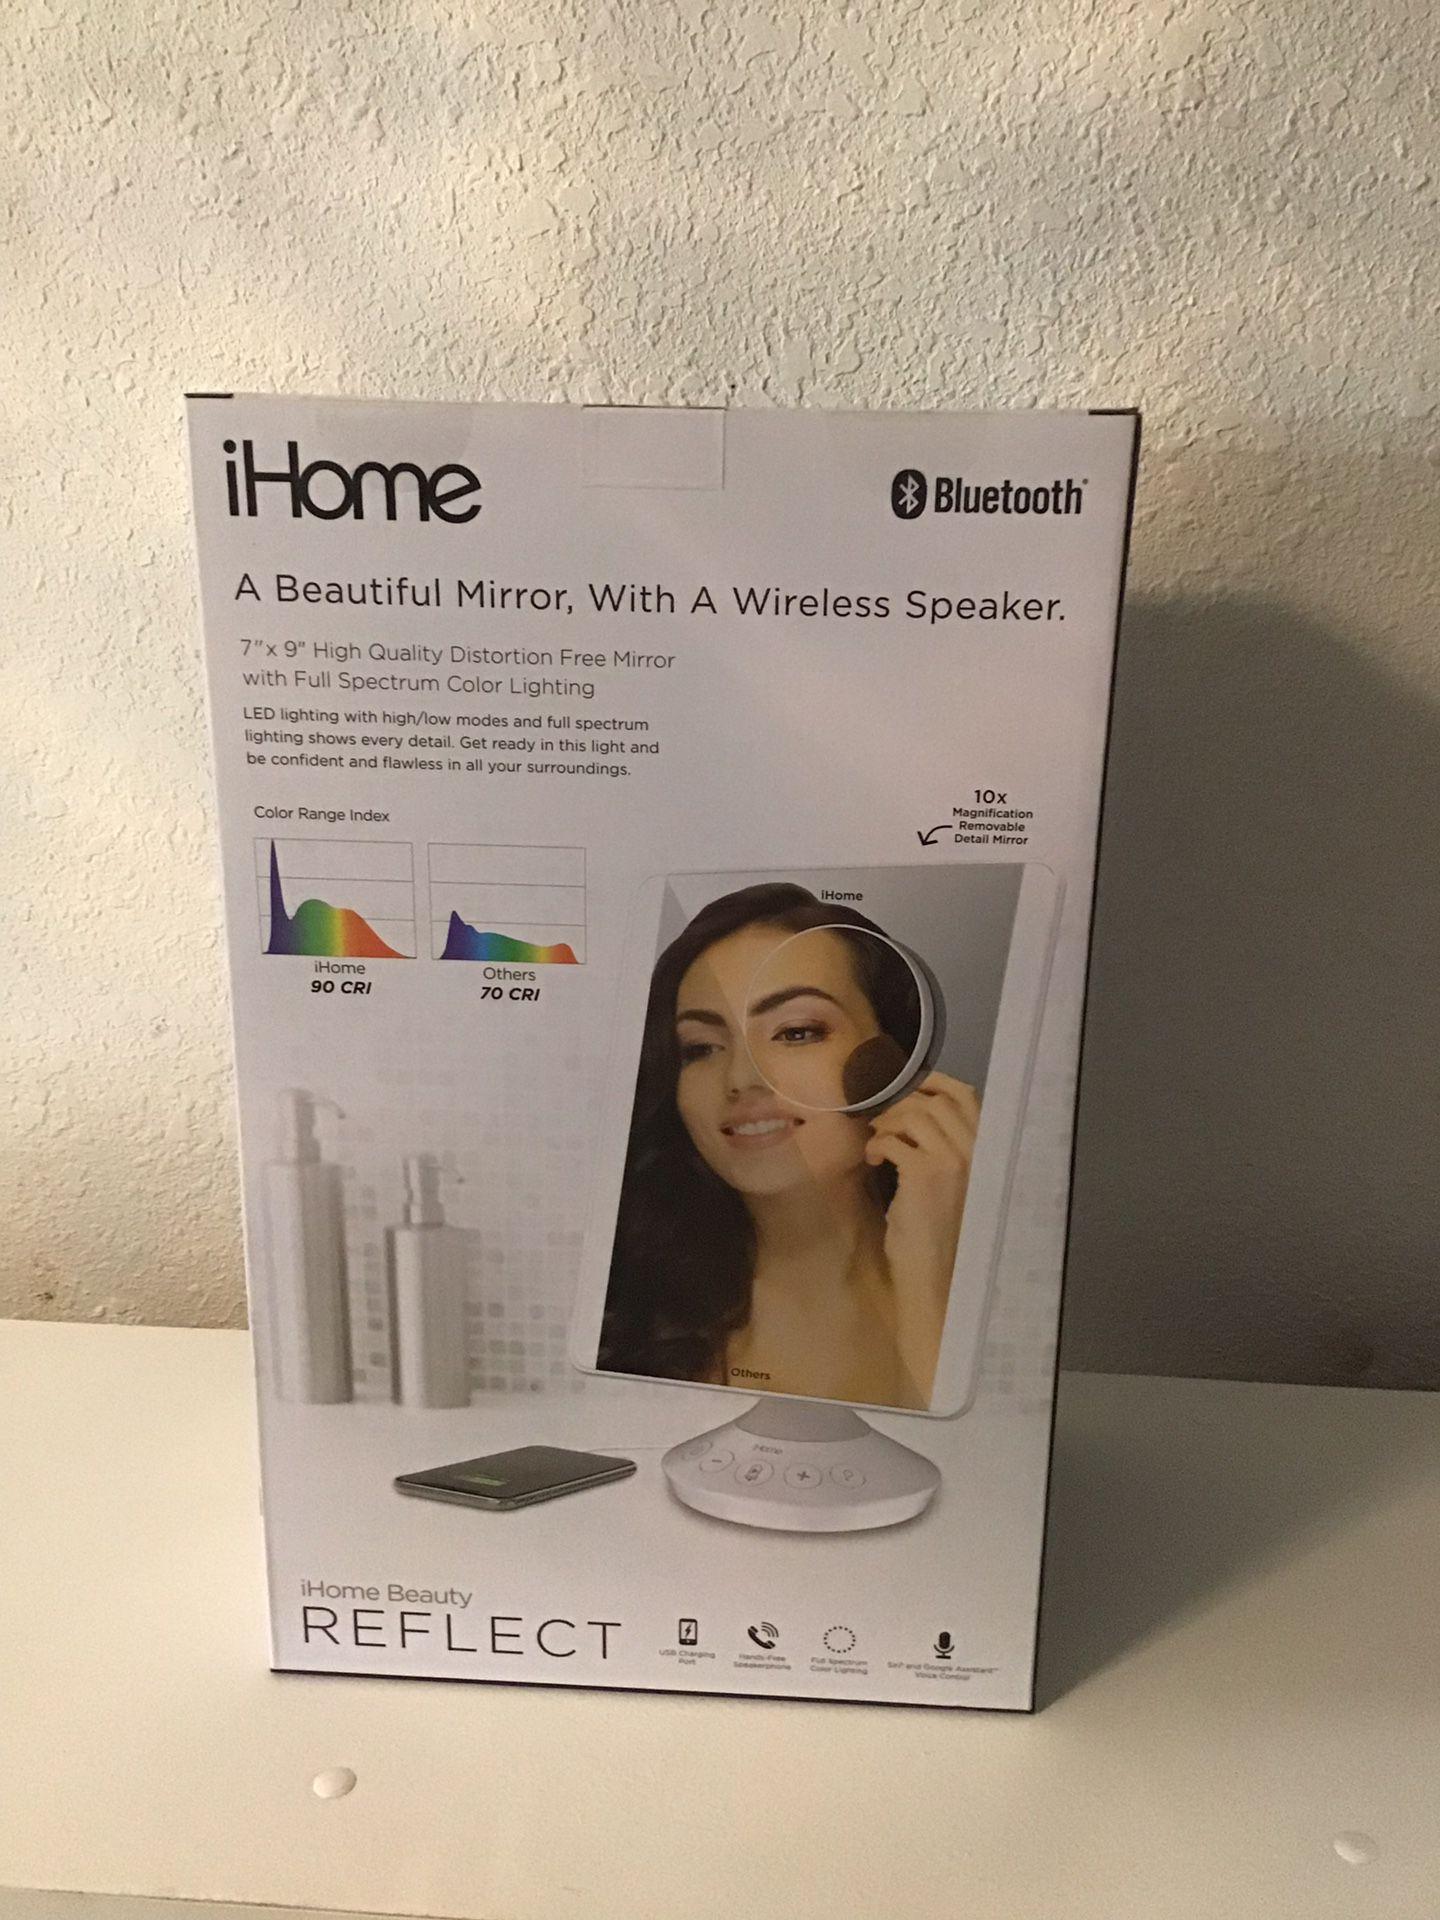 I home vanity speaker